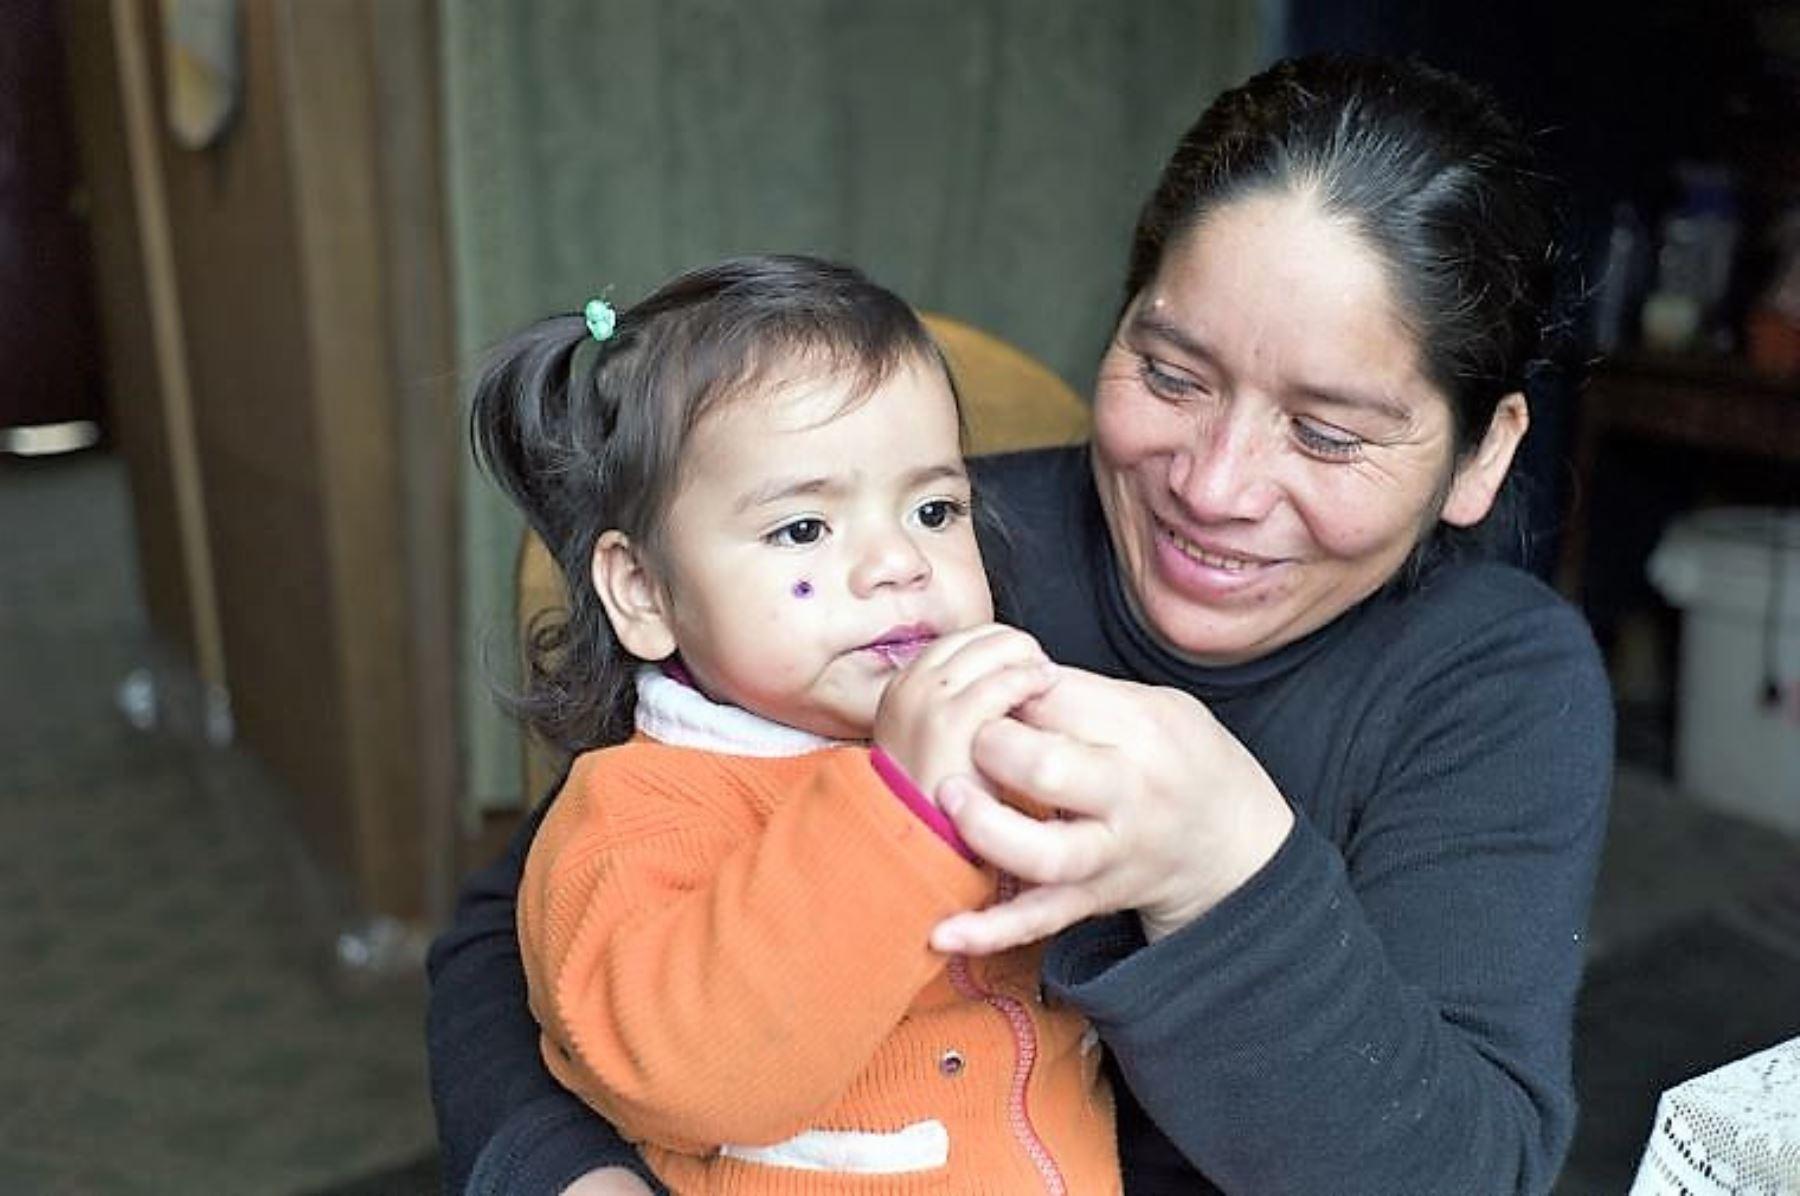 Los niños y las niñas constituyen un grupo poblacional particularmente vulnerable en el contexto de la pandemia.